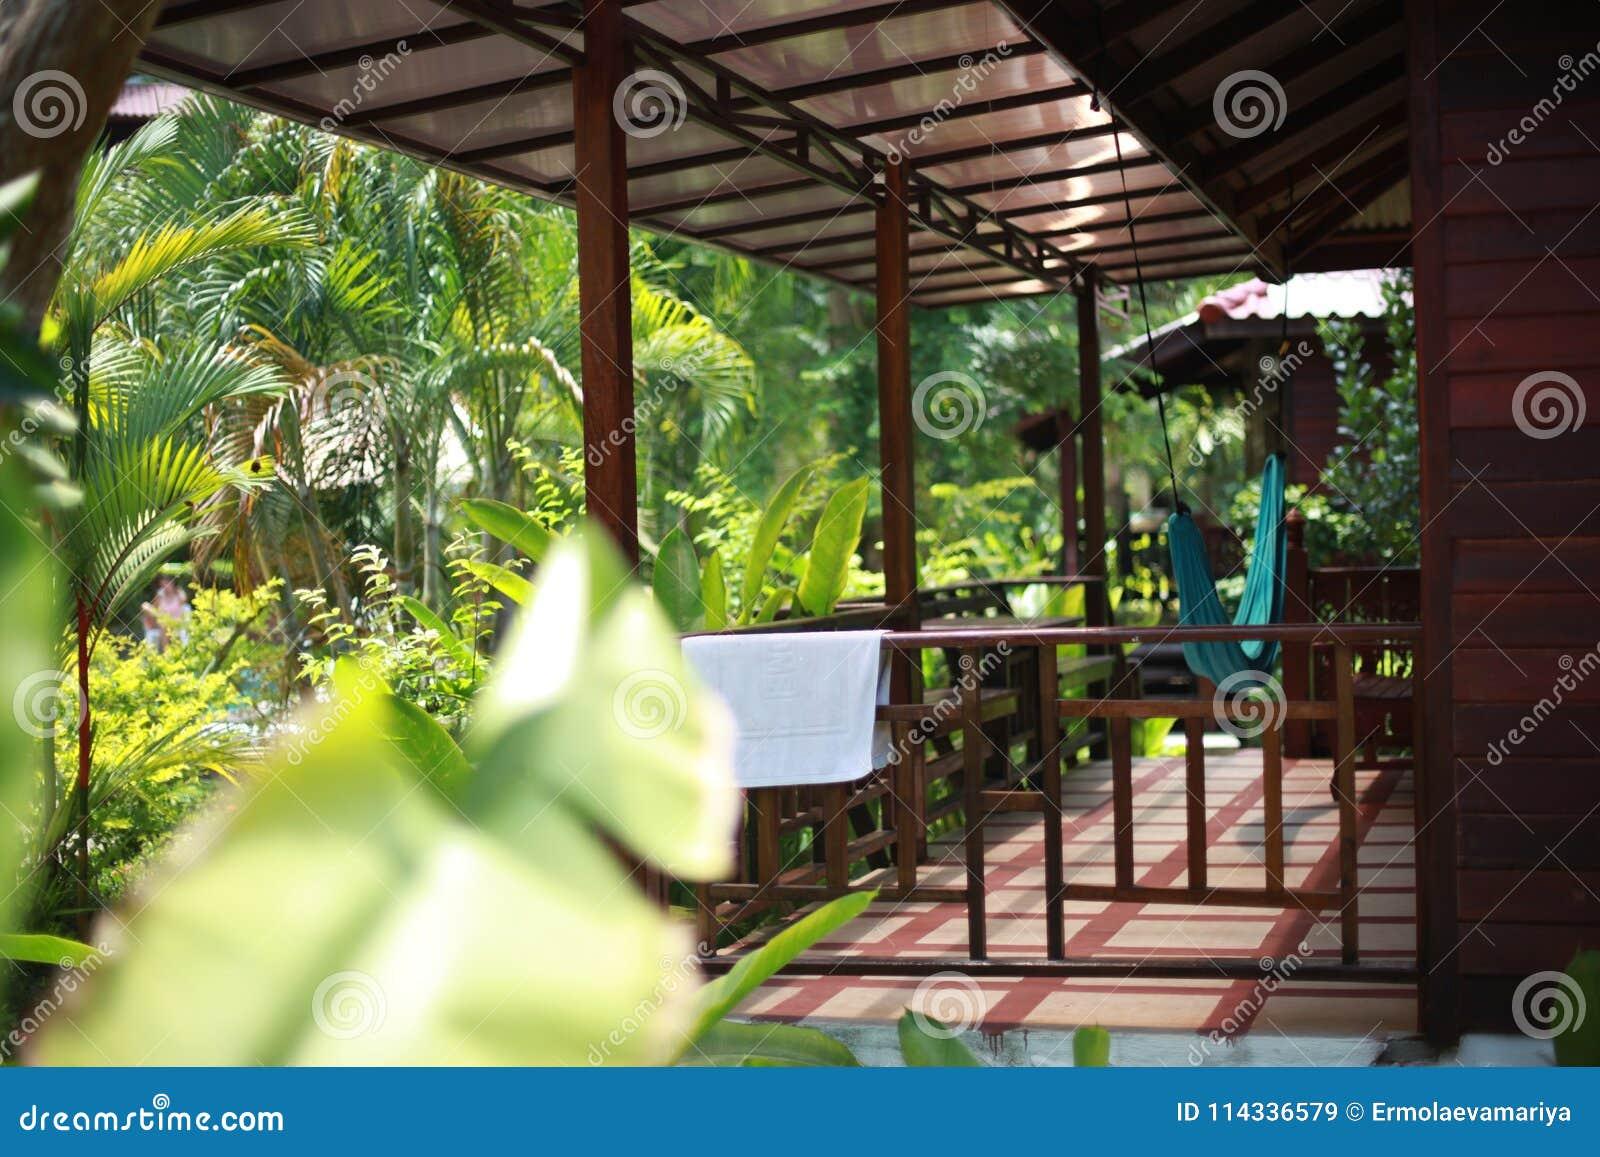 Plantes Tropicales Luxueuses Dans Une Station Thermale Avec Lhamac